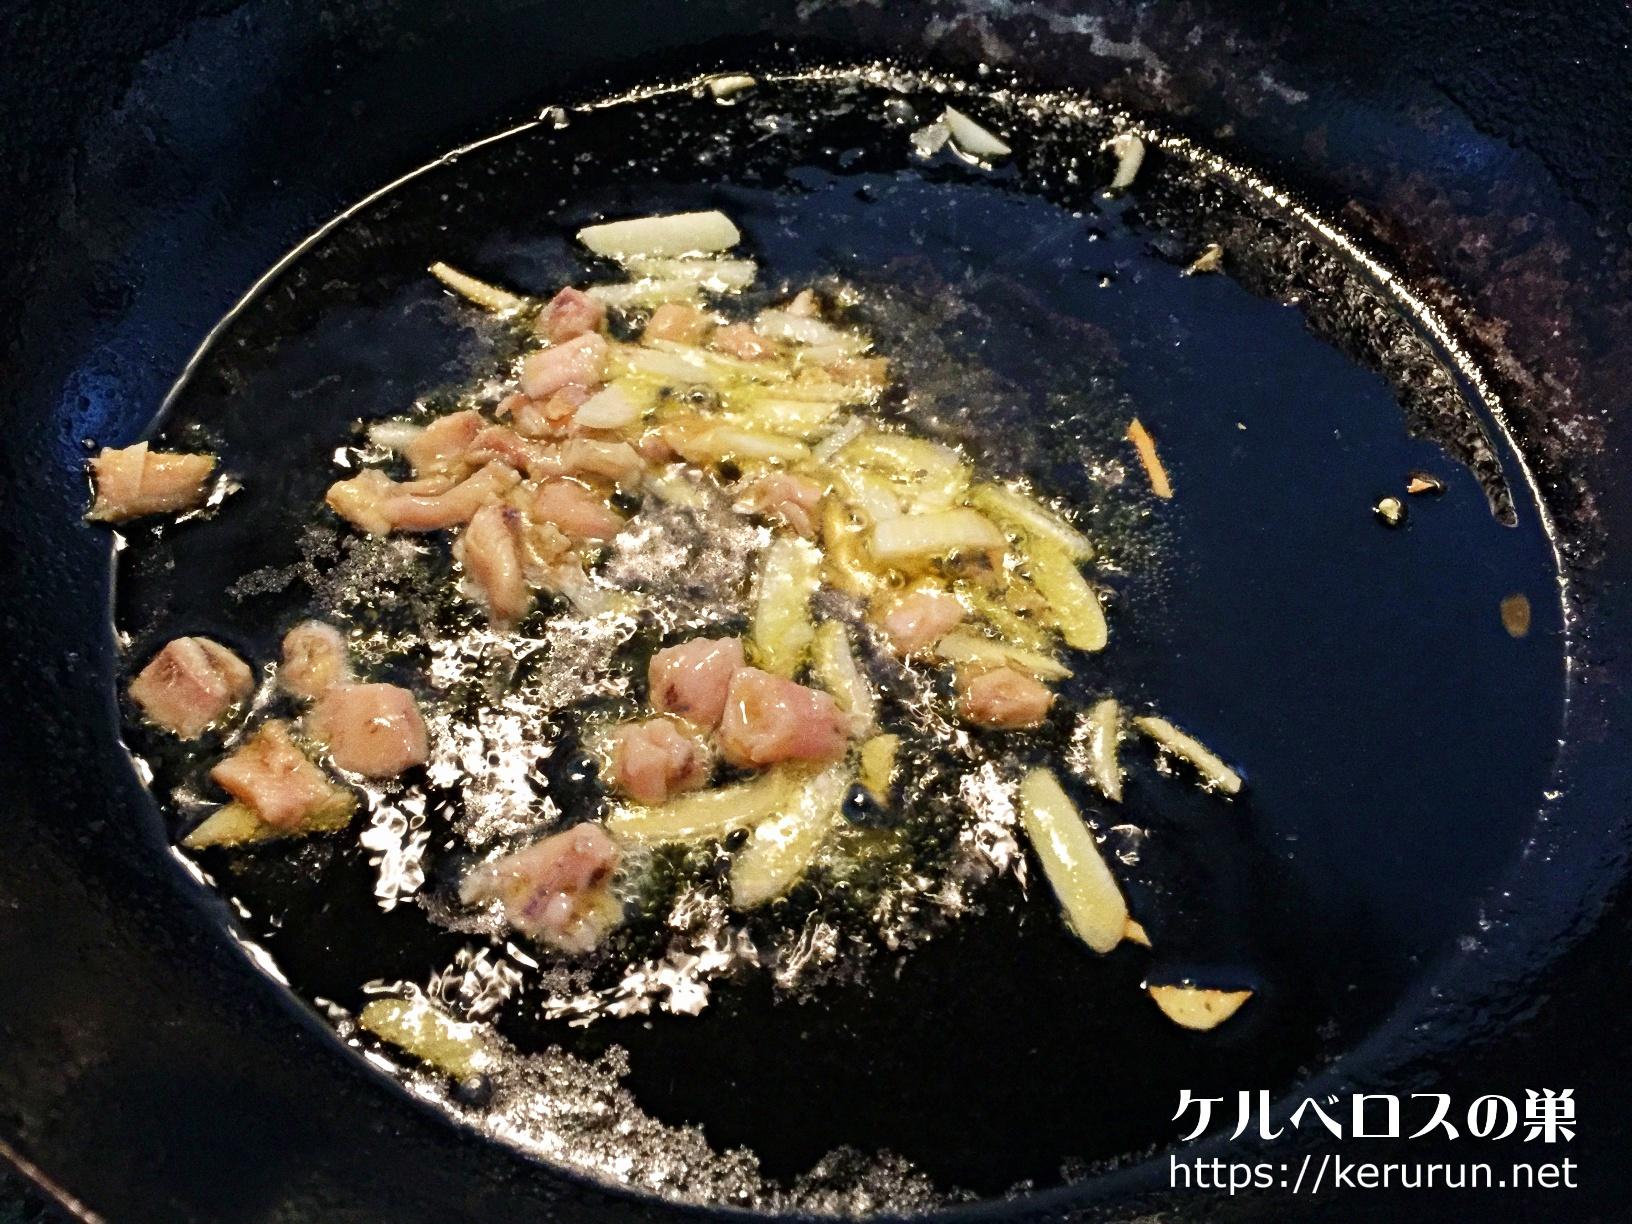 ヤマメのアンチョビを使った料理